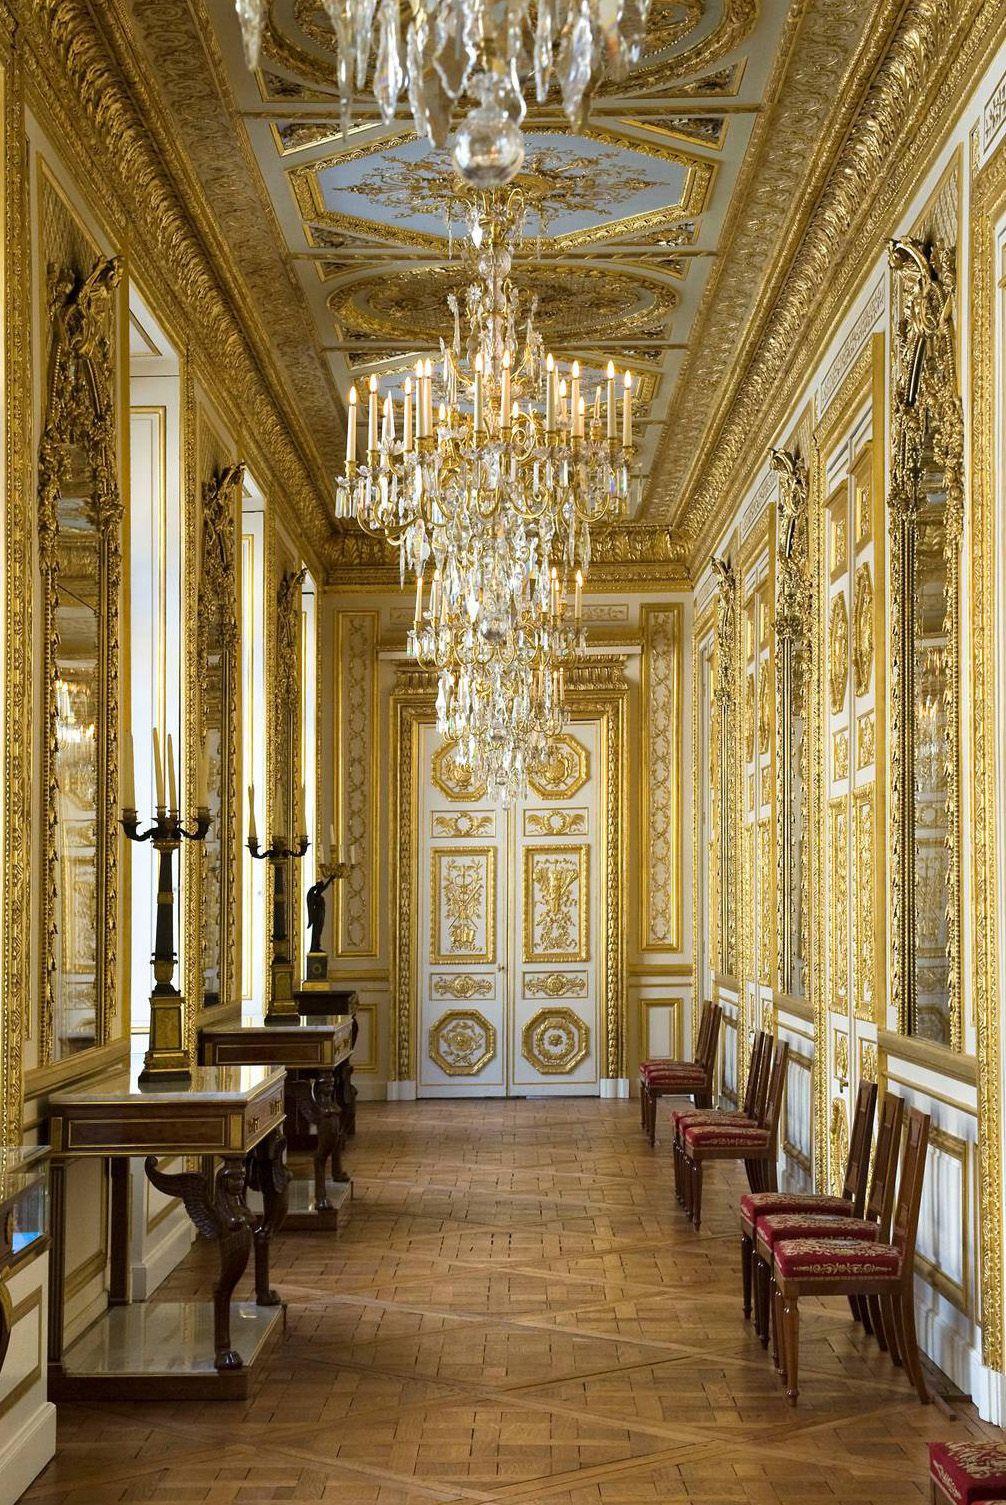 h tel de la marine galerie dor e place de la concorde paris manors mansions houses. Black Bedroom Furniture Sets. Home Design Ideas